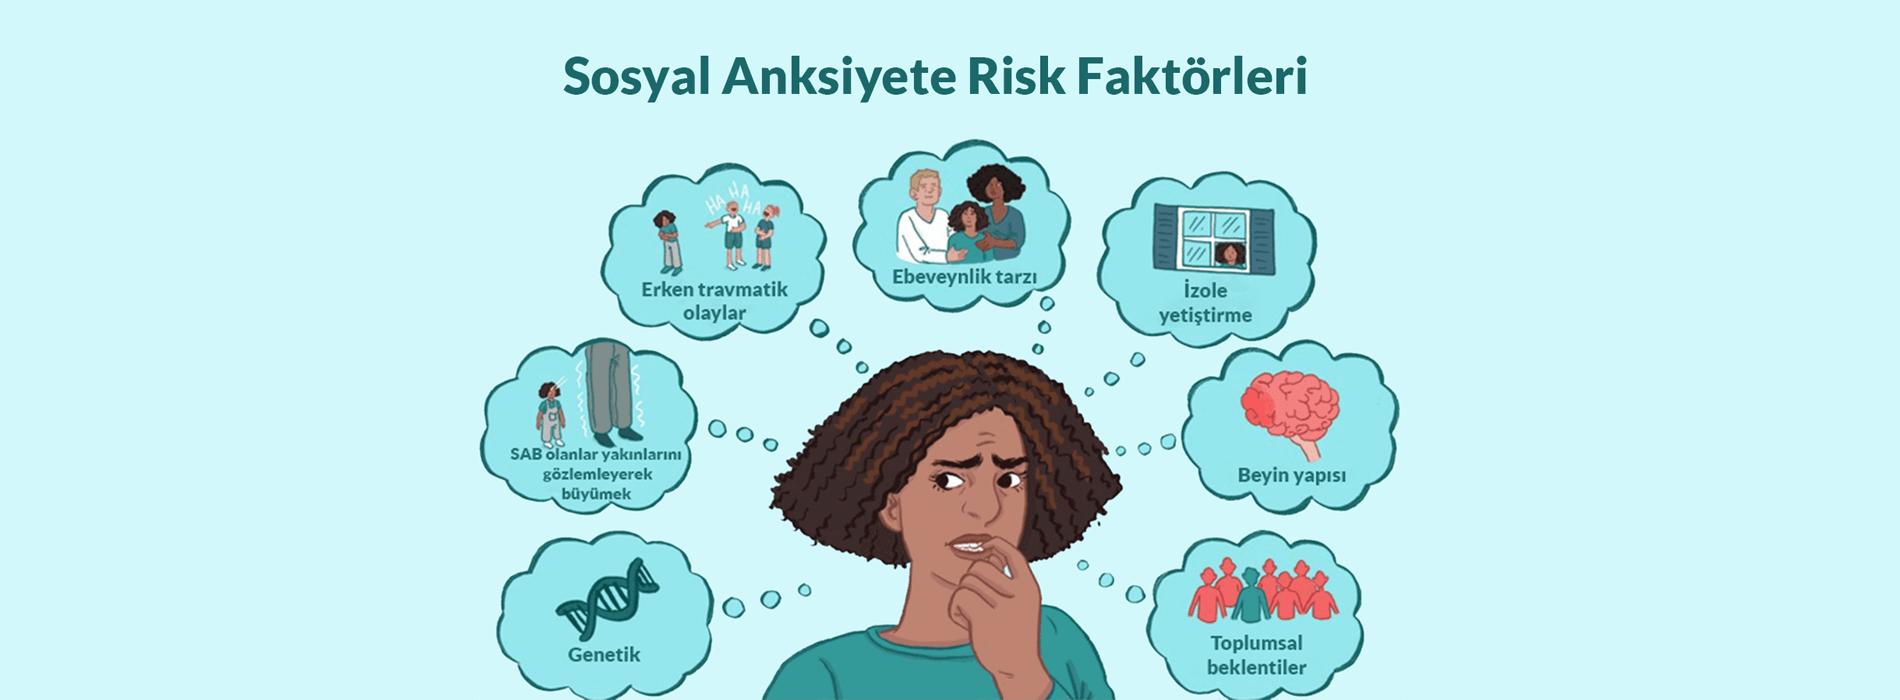 Sosyal anksiyete risk faktörleri